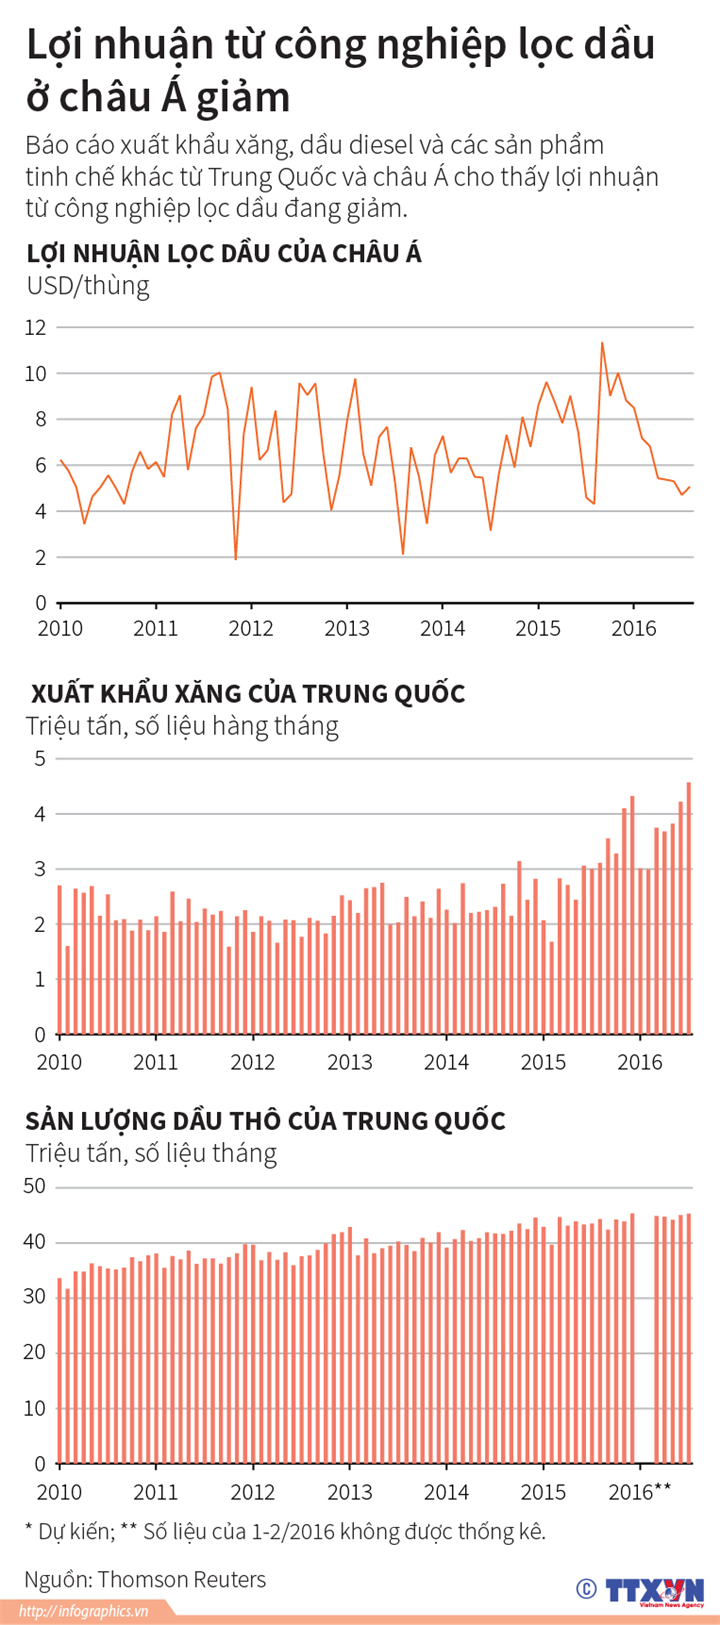 Lợi nhuận từ công nghiệp lọc dầu ở châu Á giảm